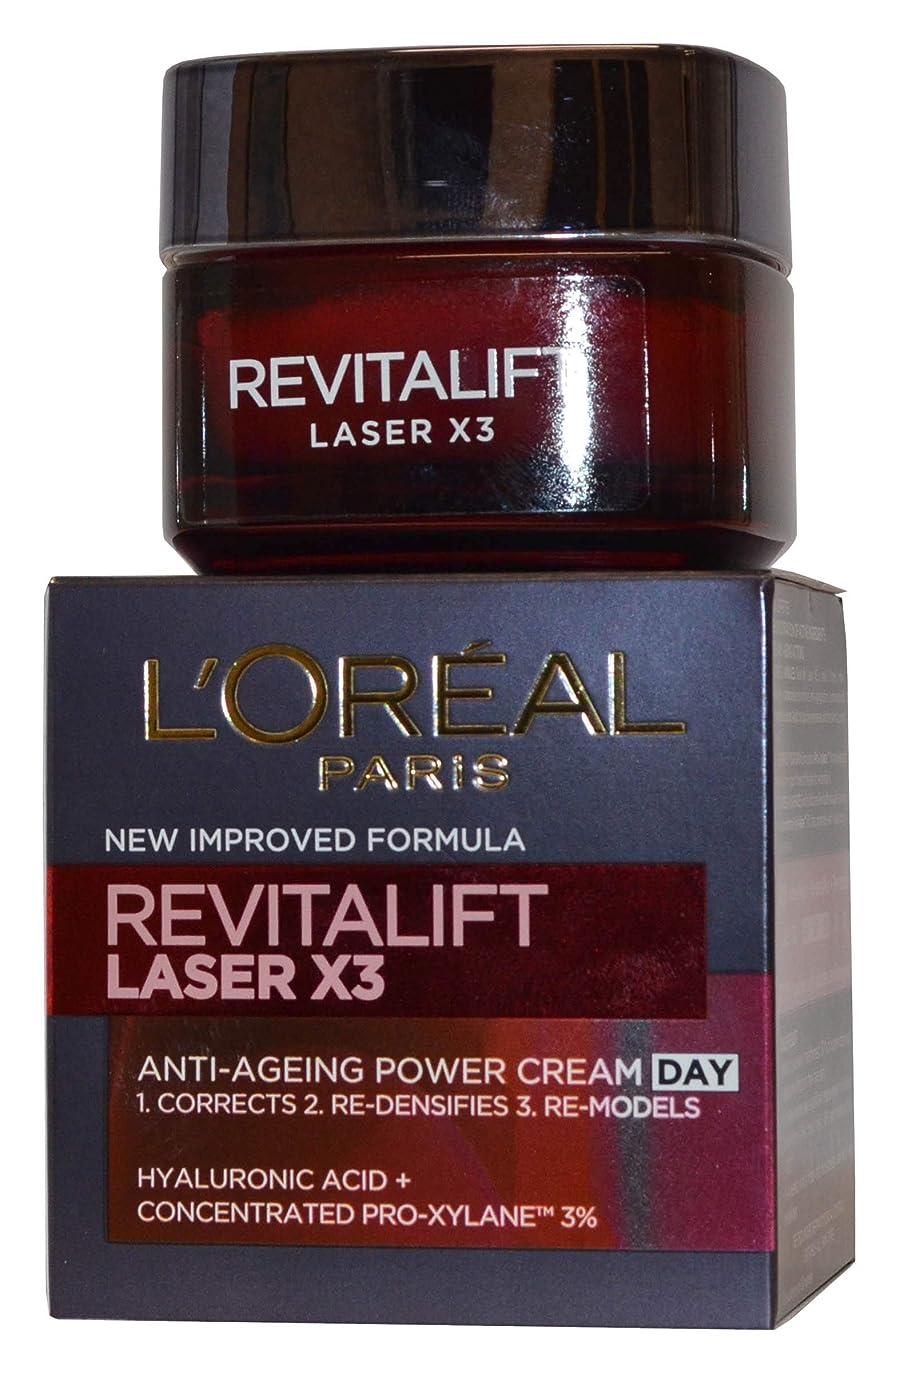 ラショナルいくつかの飾り羽ロレアル Revitalift Laser x3 Anti-Ageing Power Day Cream 50ml/1.7oz並行輸入品